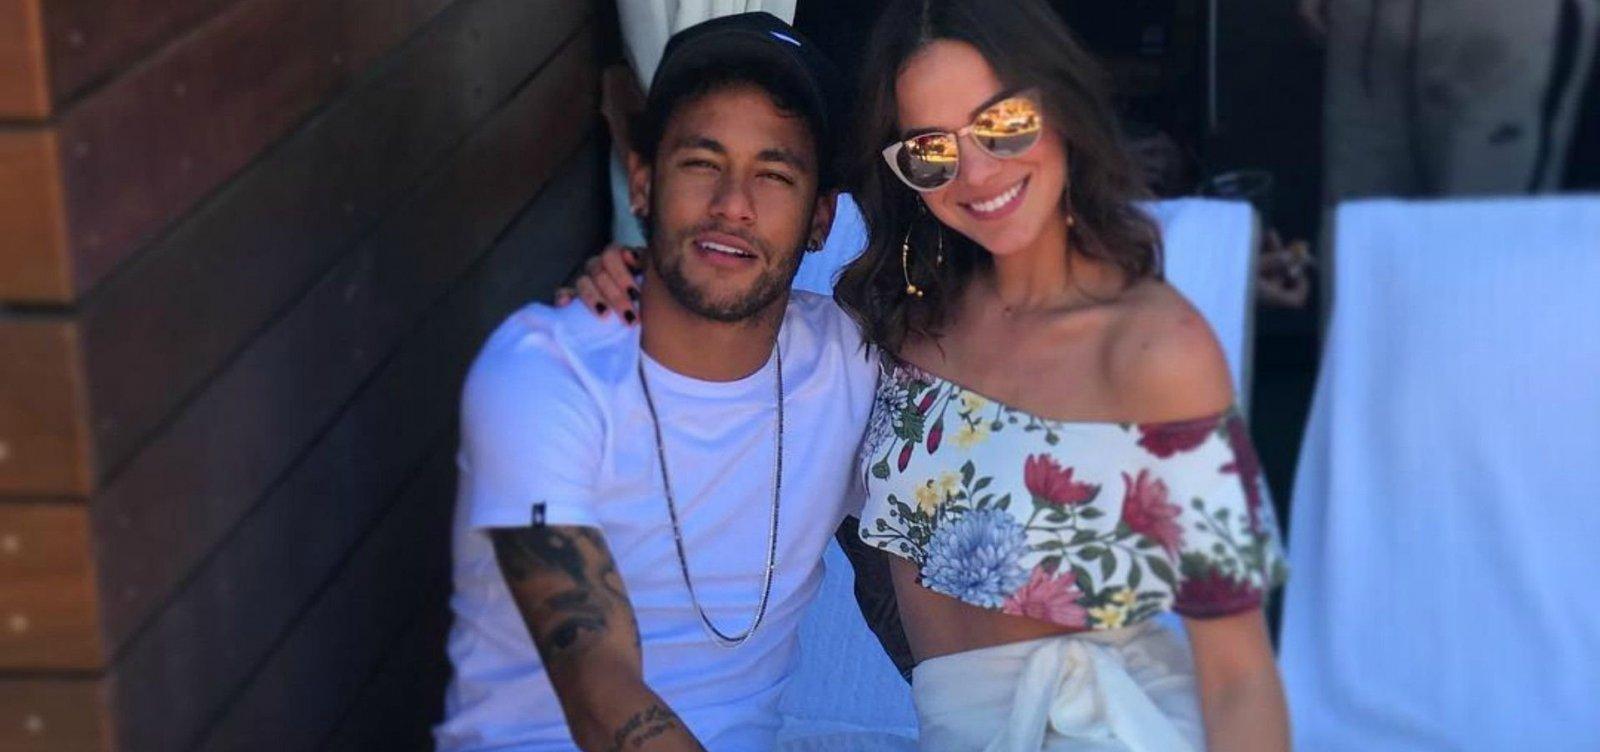 [Neymar e Bruna Marquezine podem ter terminado por razões políticas, especulam fãs]